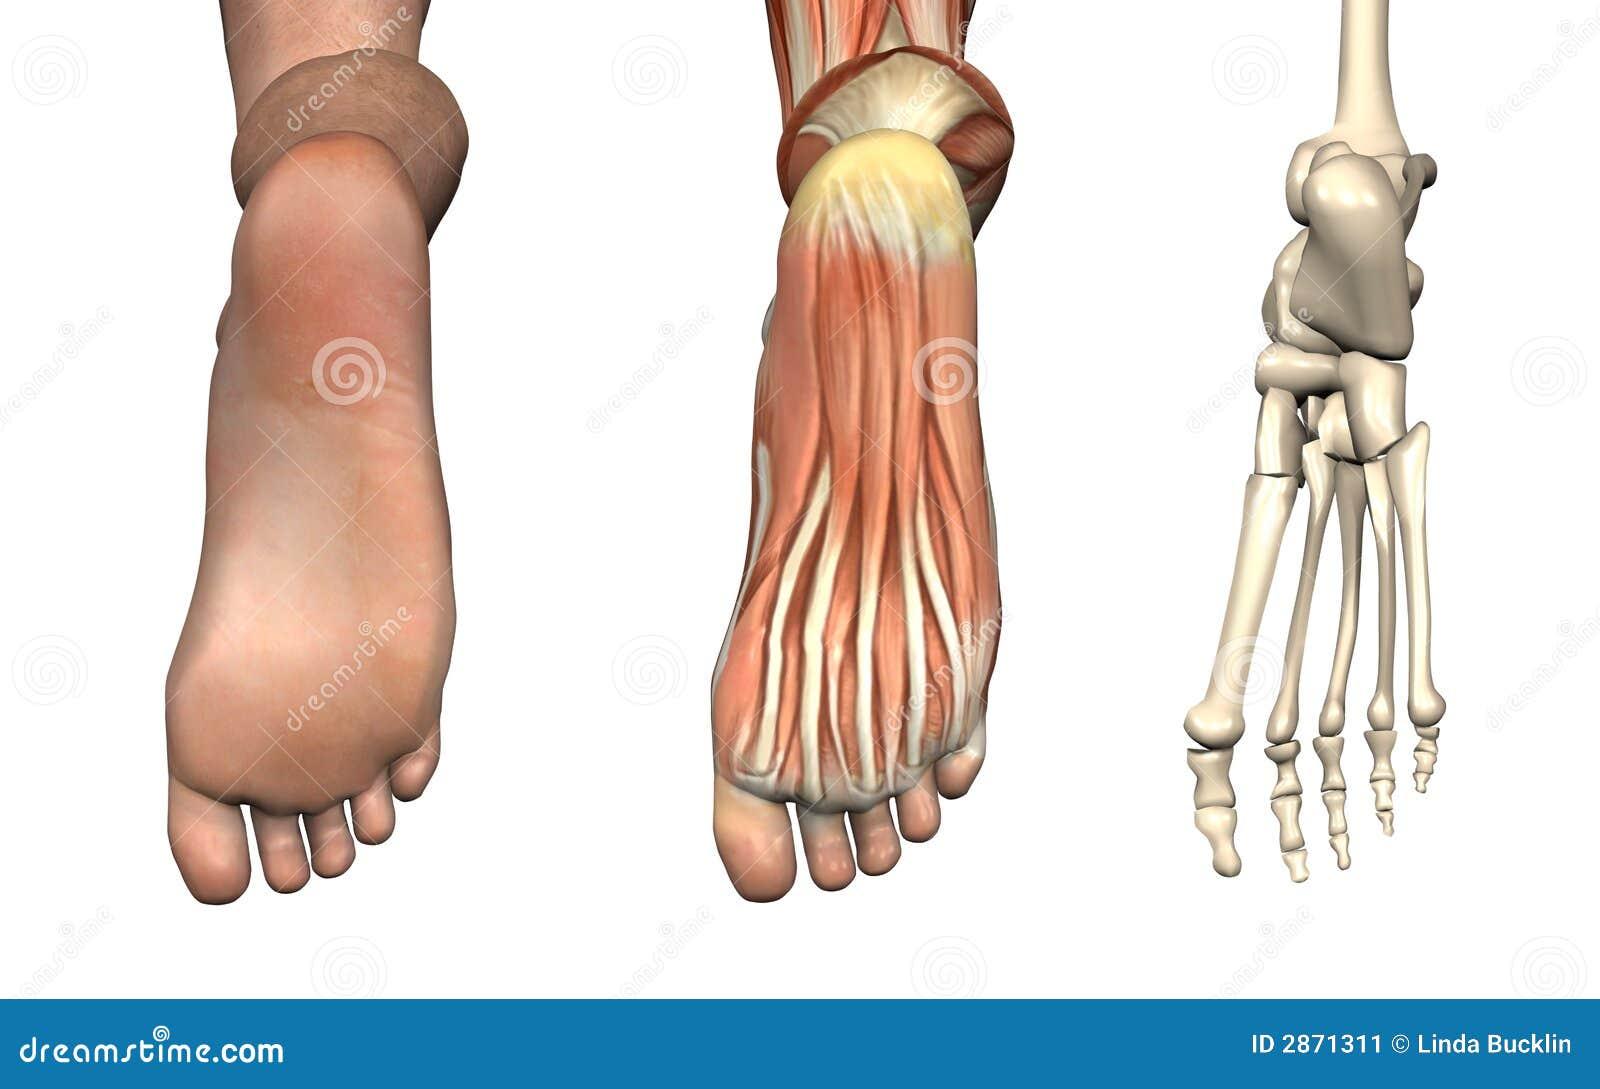 Fein Fußmuskulatur Anatomie Bilder - Menschliche Anatomie Bilder ...